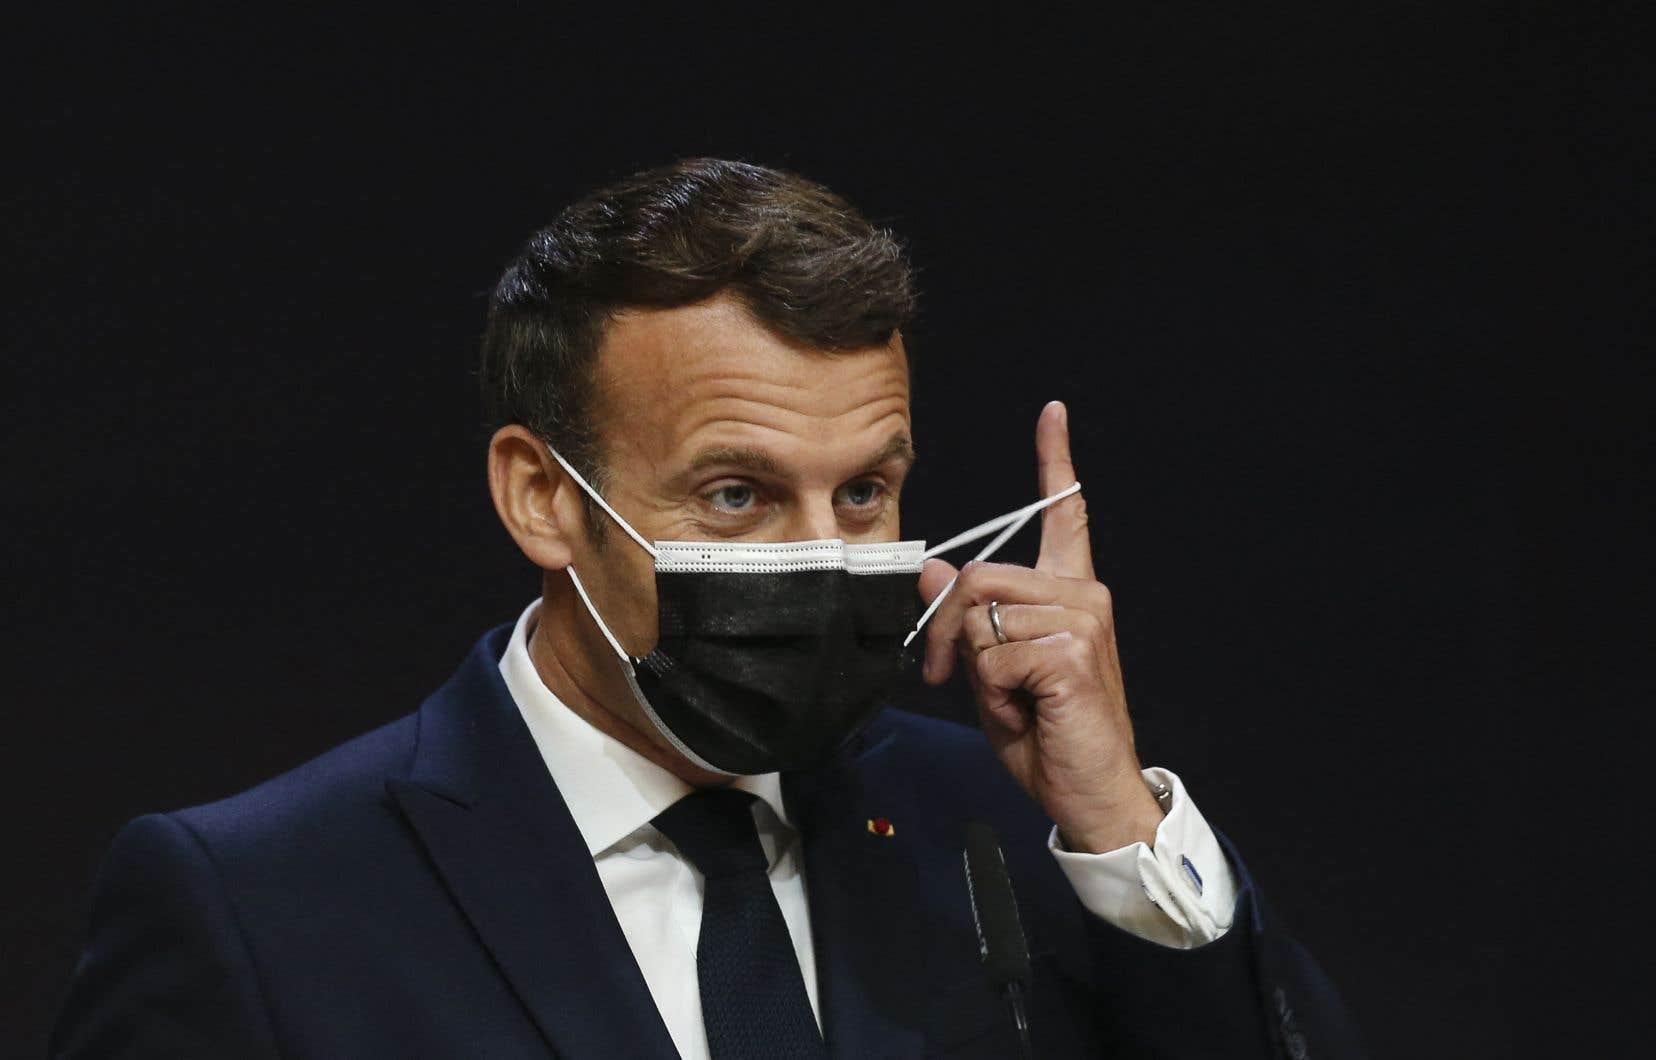 Le président français, Emmanuel Macron, croit que la discussion sur la levée des brevets ne sera pertinente que lorsque les pays les plus développés auront augmenté leurs dons de vaccins envers les pays les plus pauvres